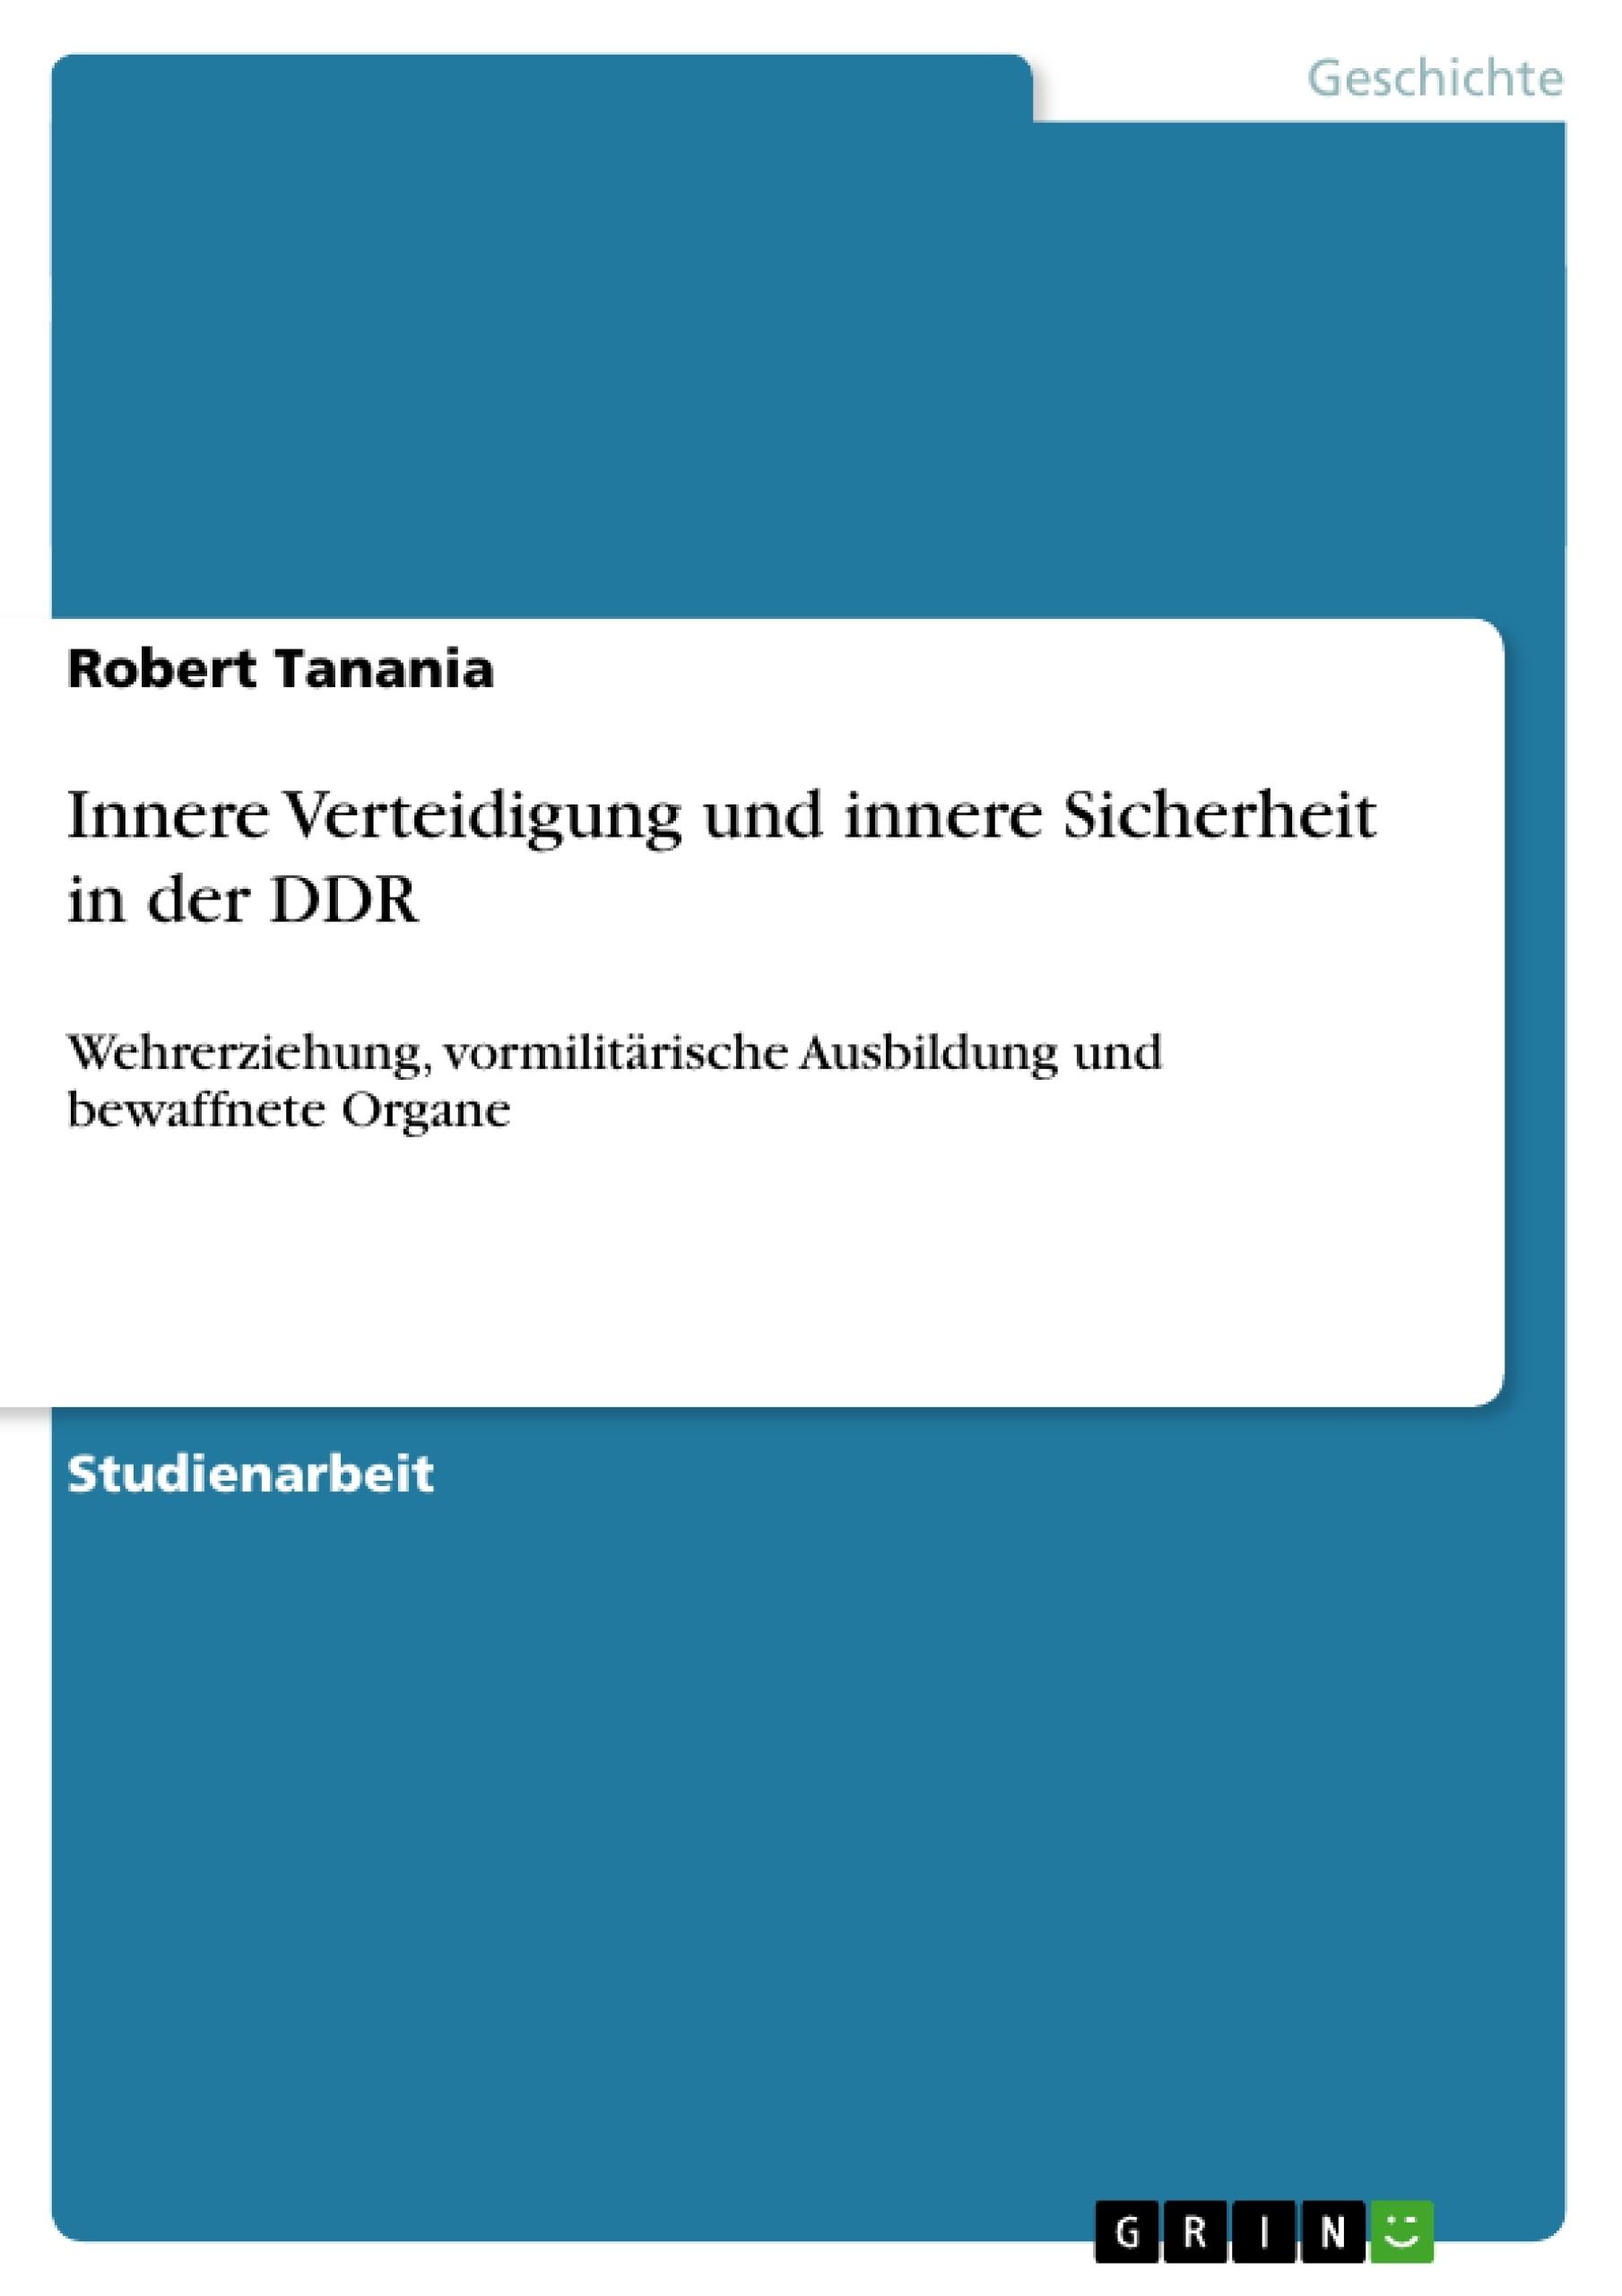 Titel: Innere Verteidigung und innere Sicherheit in der DDR